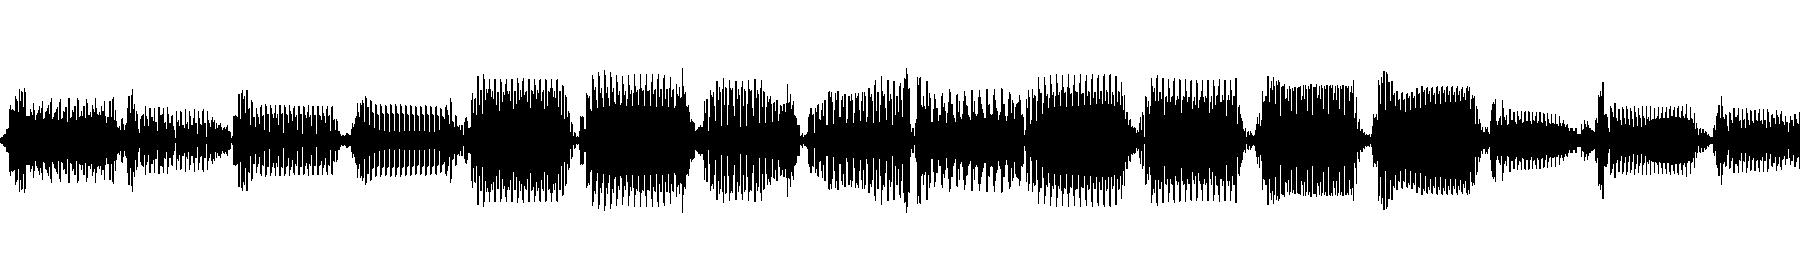 blbc jazzyripper 130 a